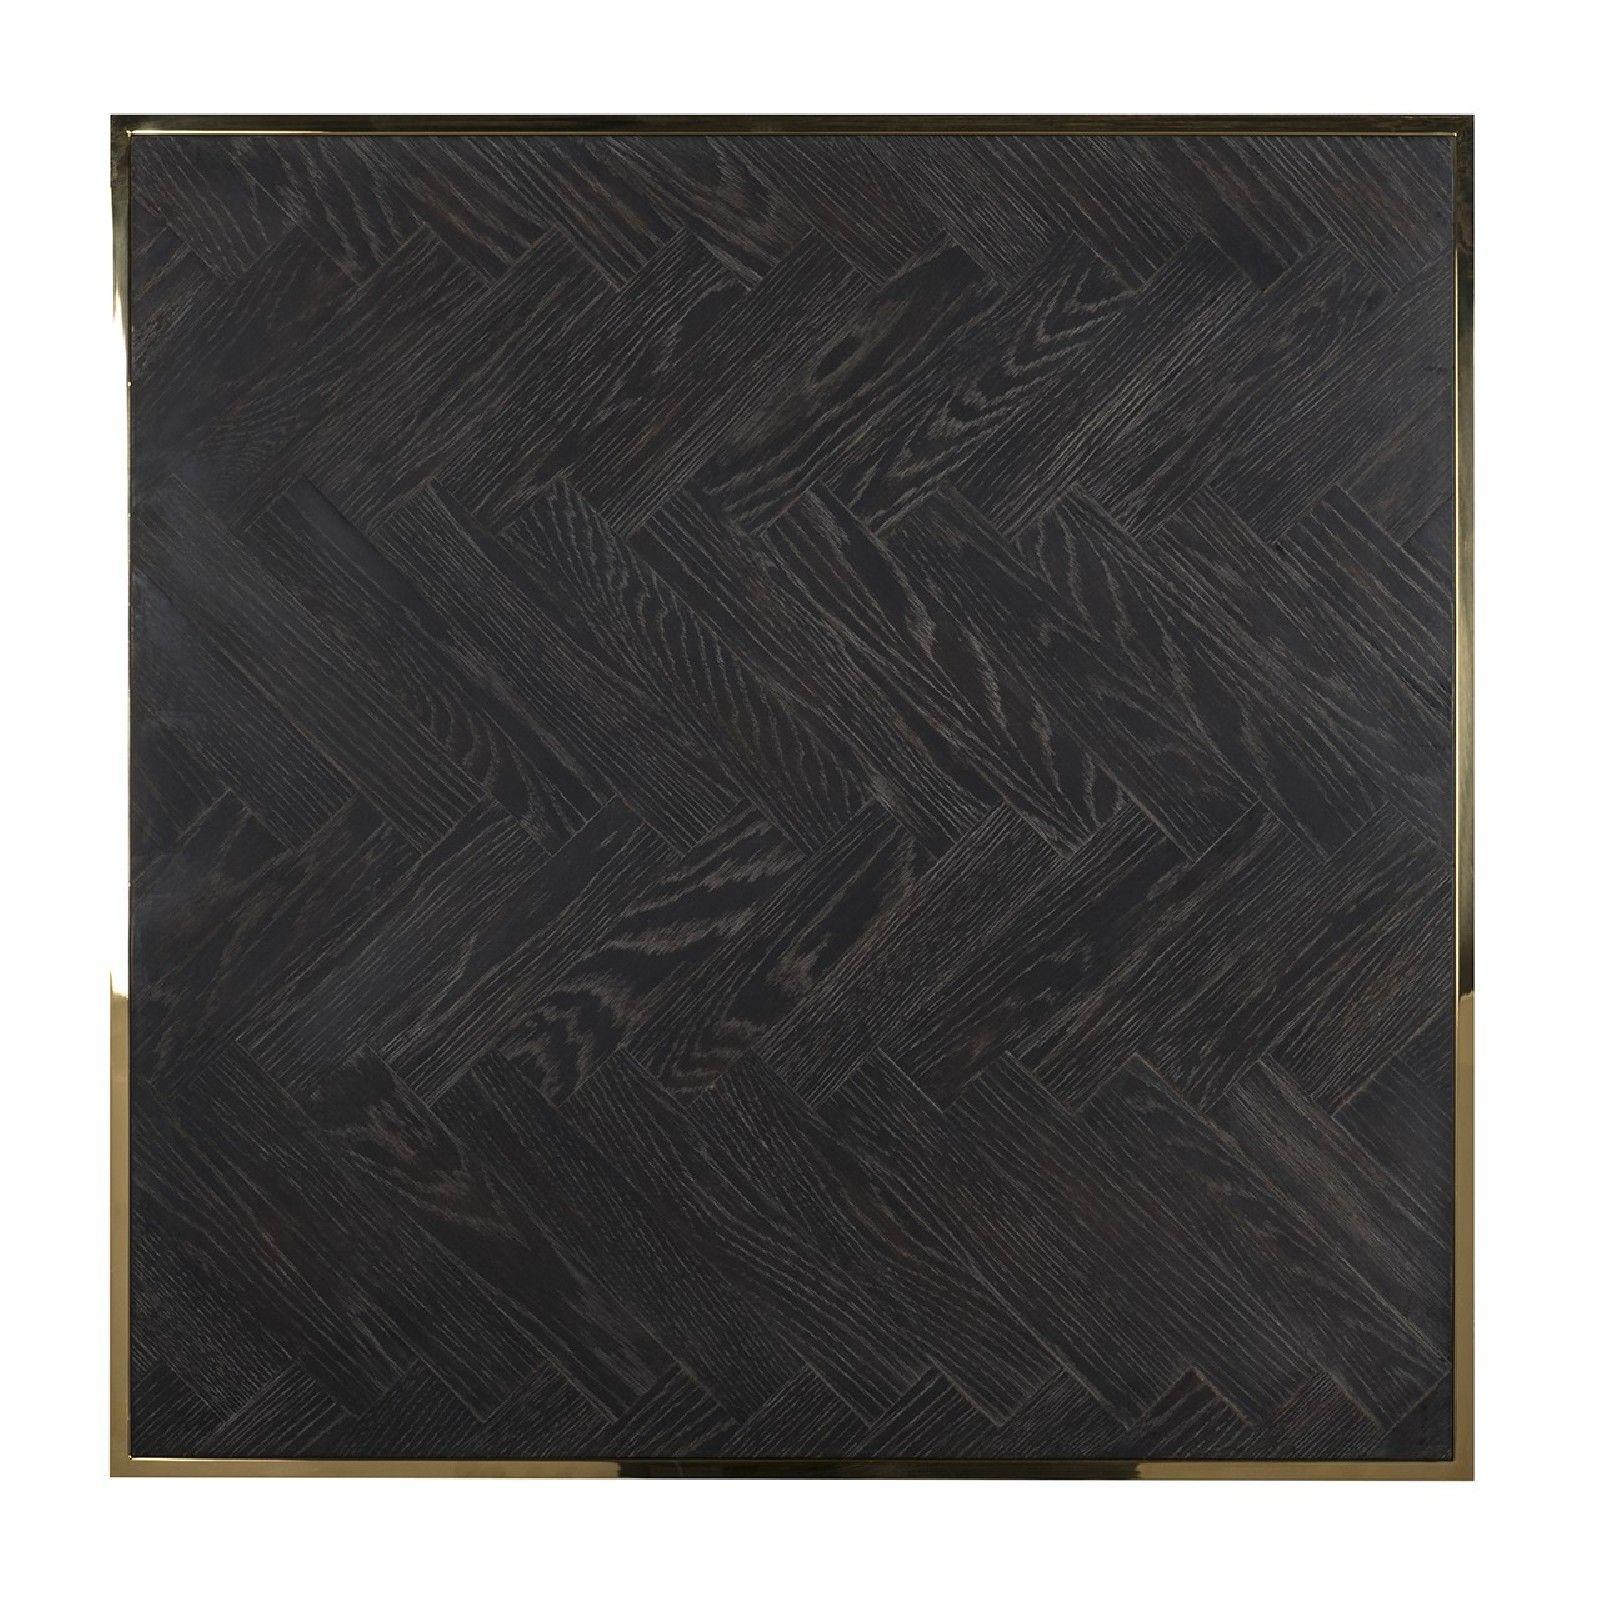 Table de salon Blackbone gold 90x90 Tables basses rectangulaires - 225